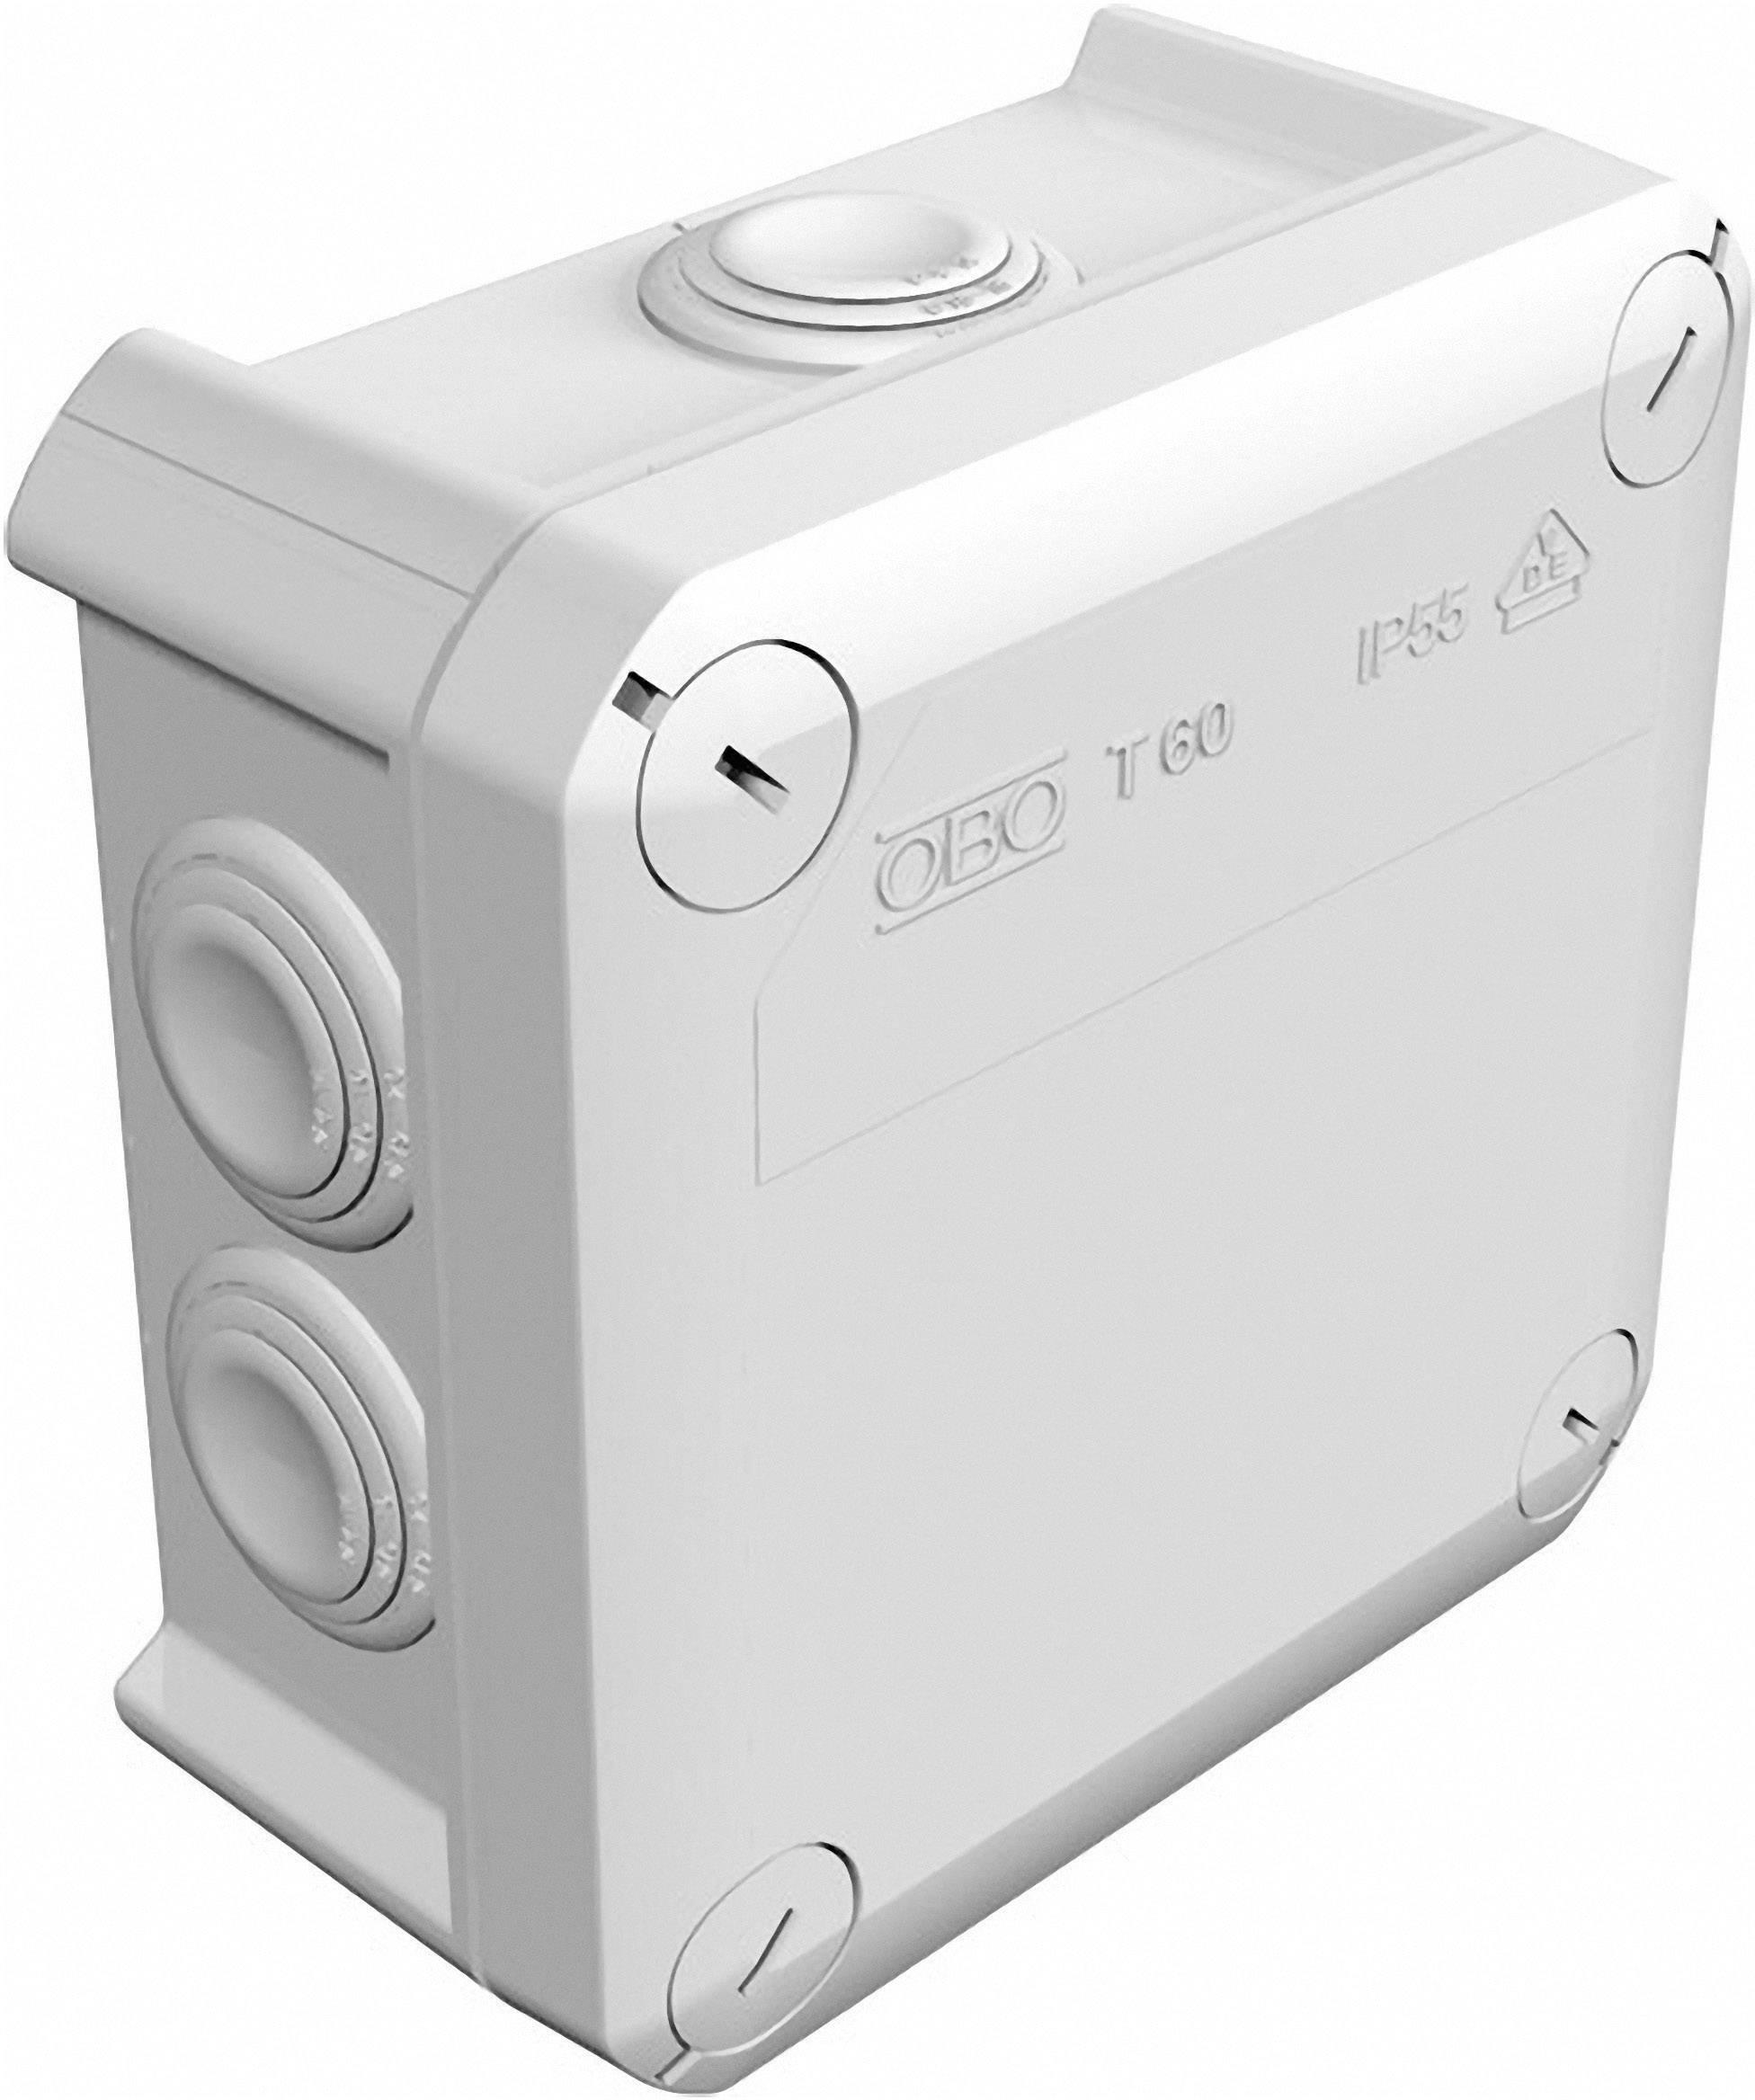 Rozbočovacia krabica OBO Betternann T60, IP55, 114 x 114 x 57 mm, svetlo sivá, 2007061